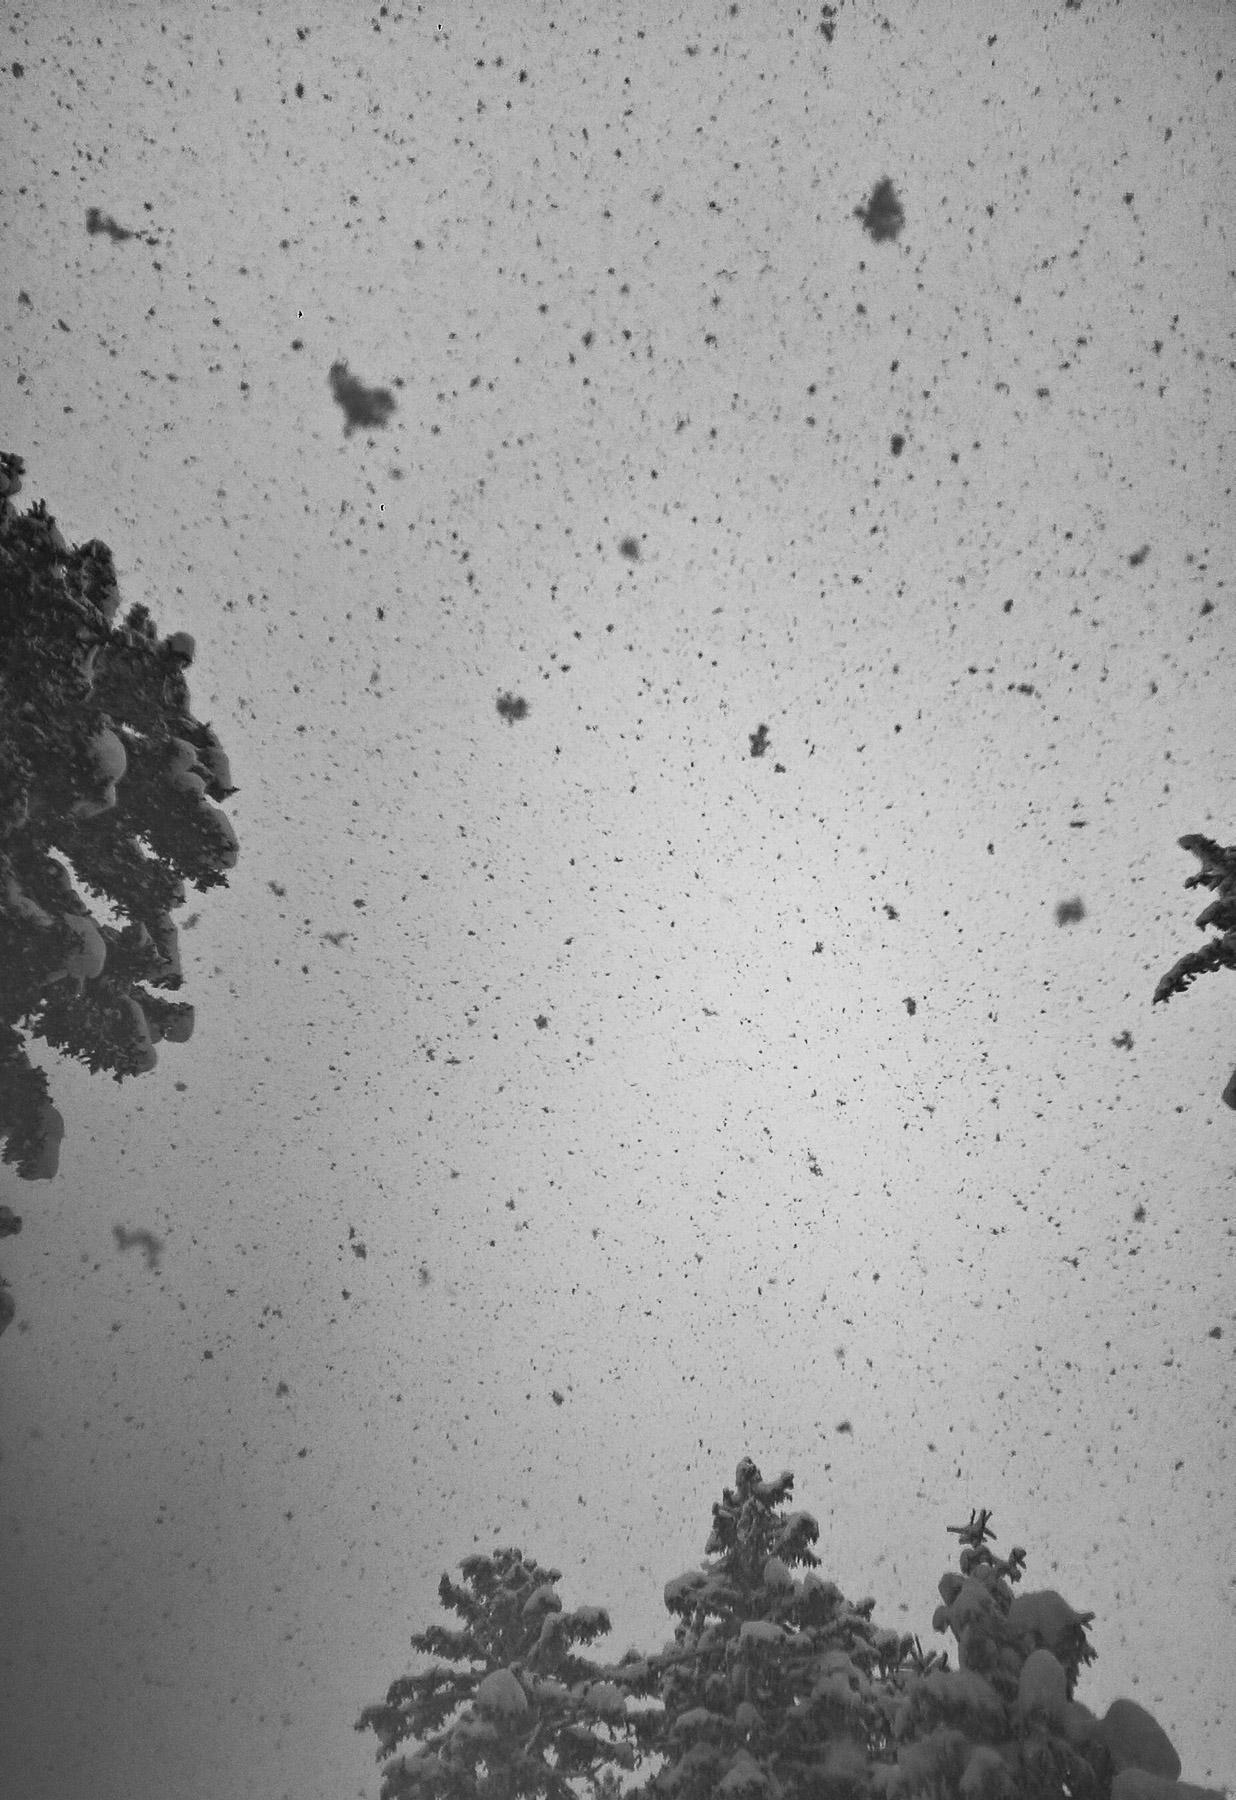 winterbilder,winter bild, winter tirol, winterbild tirol, schneefall, wald winter, schnee wald